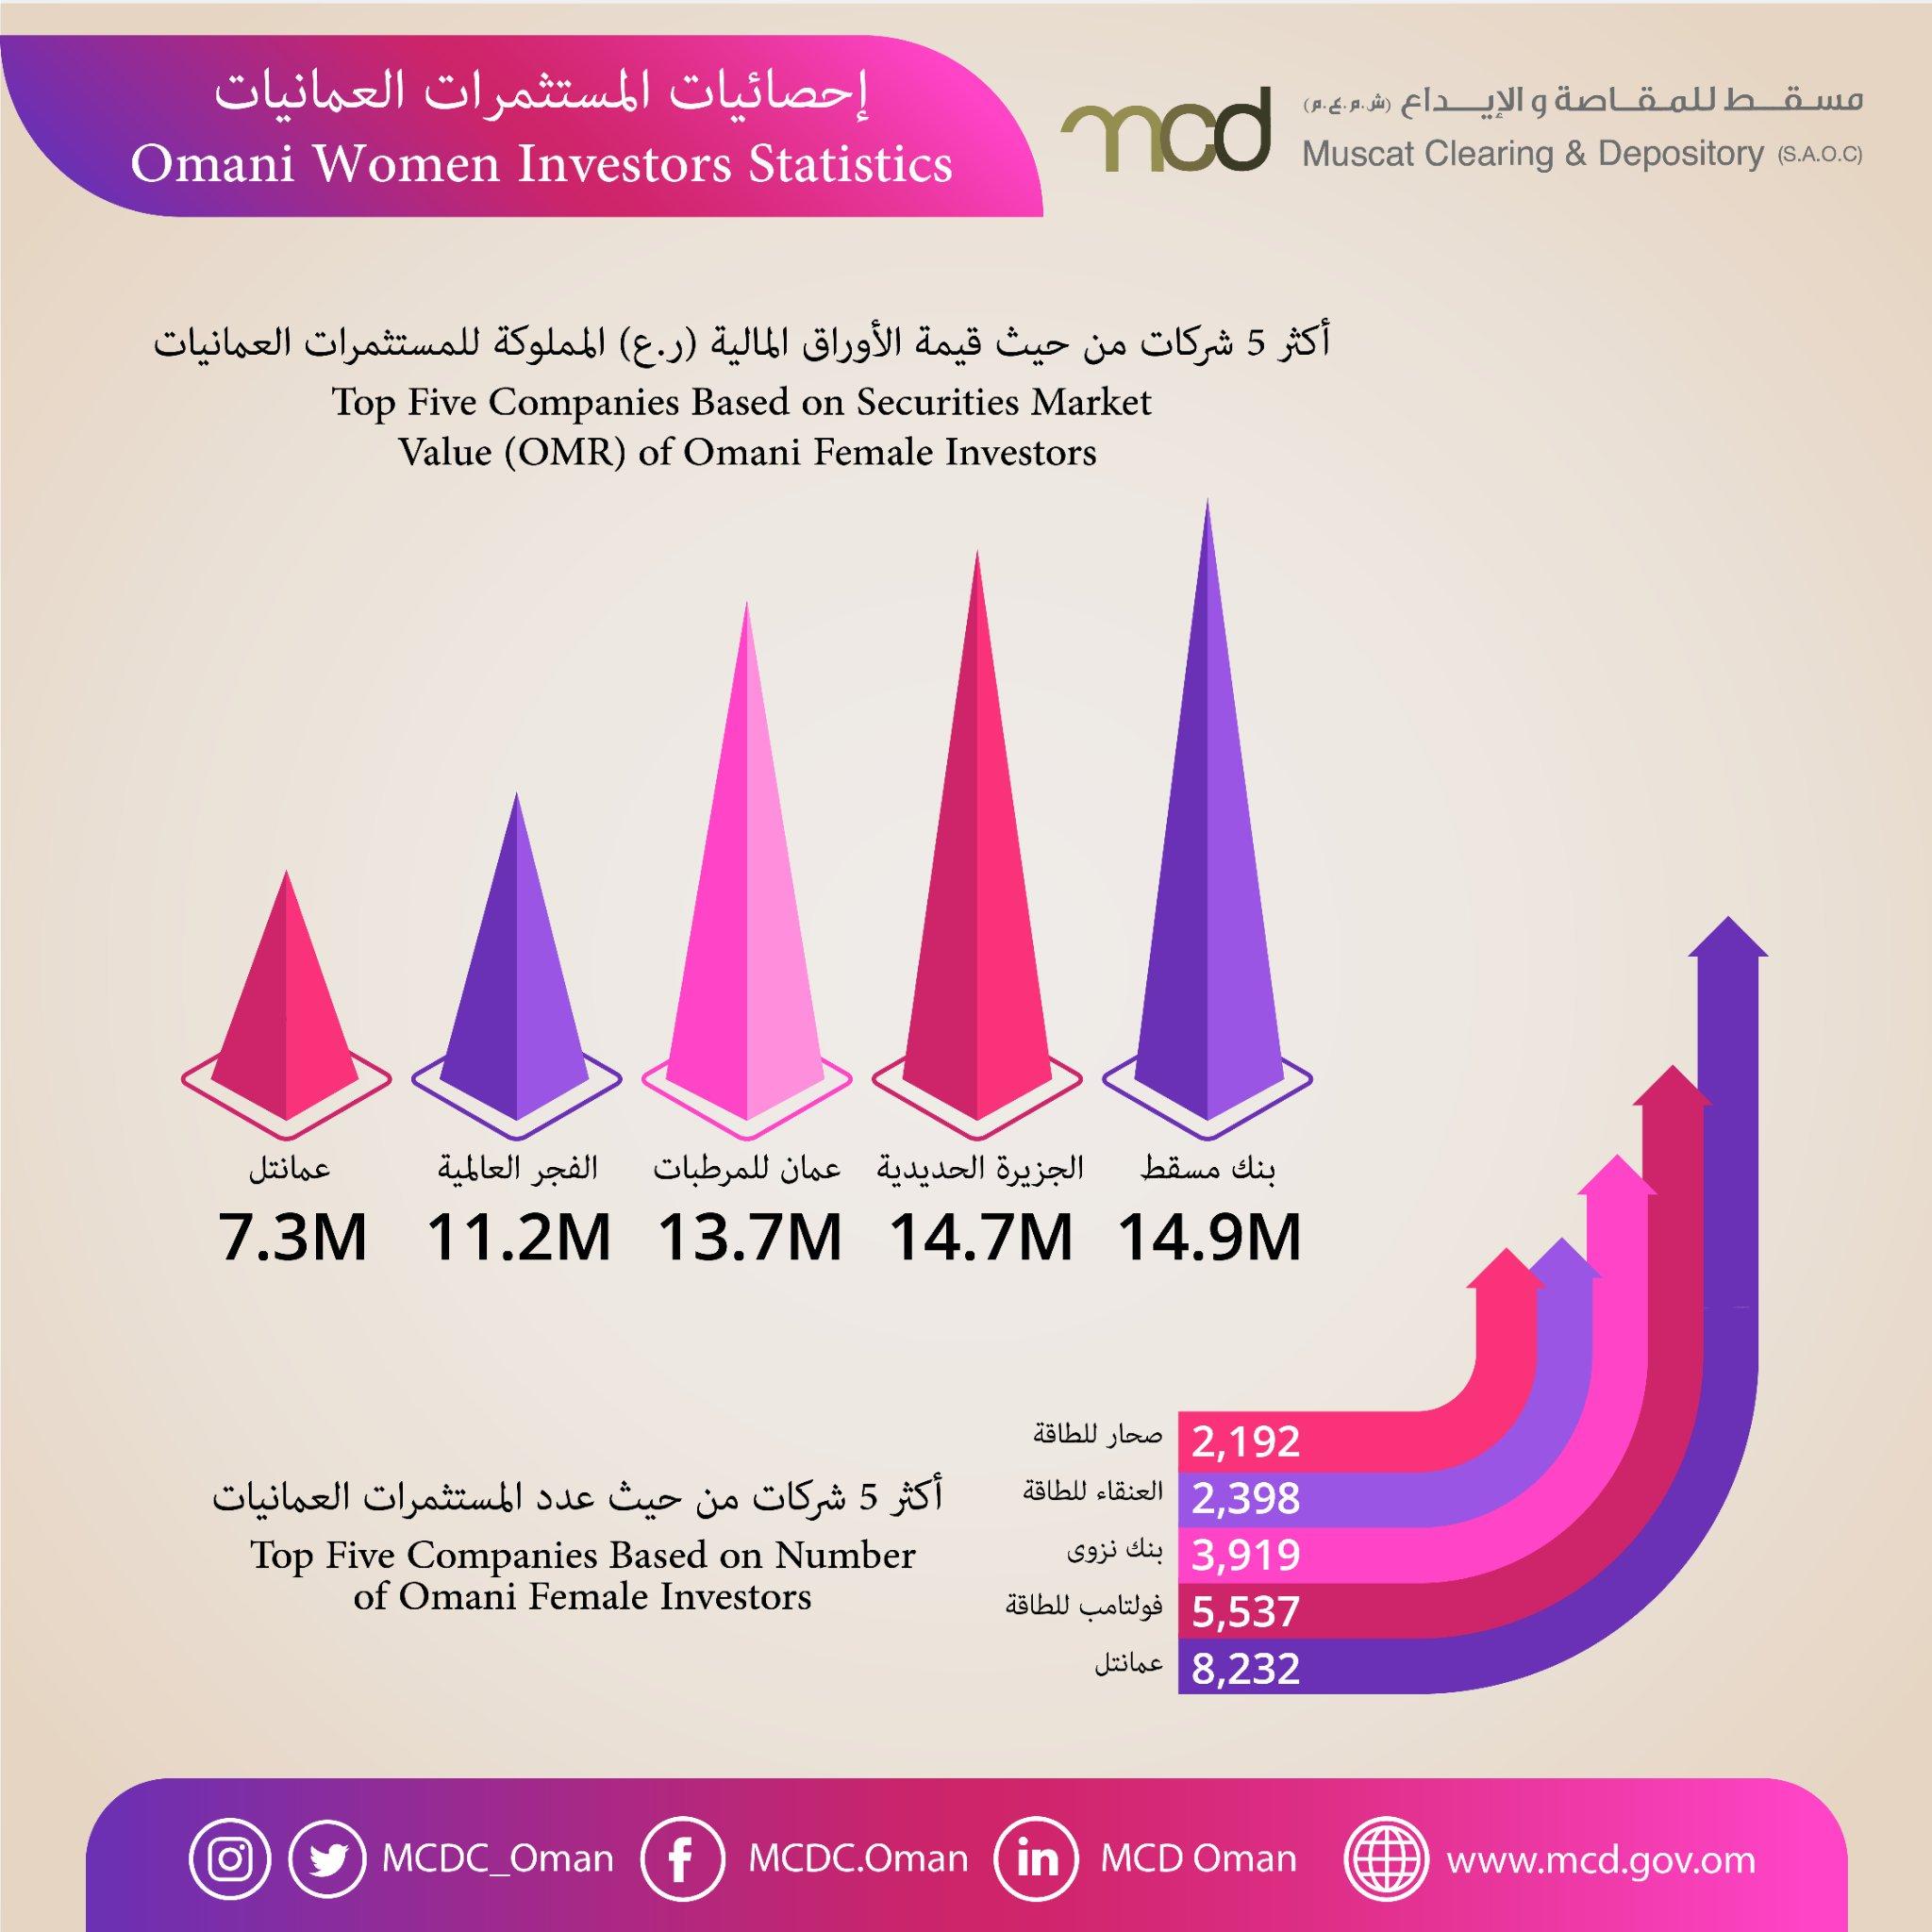 33 ألف مستثمرة عمانية يملكن 570 مليون ورقة مالية